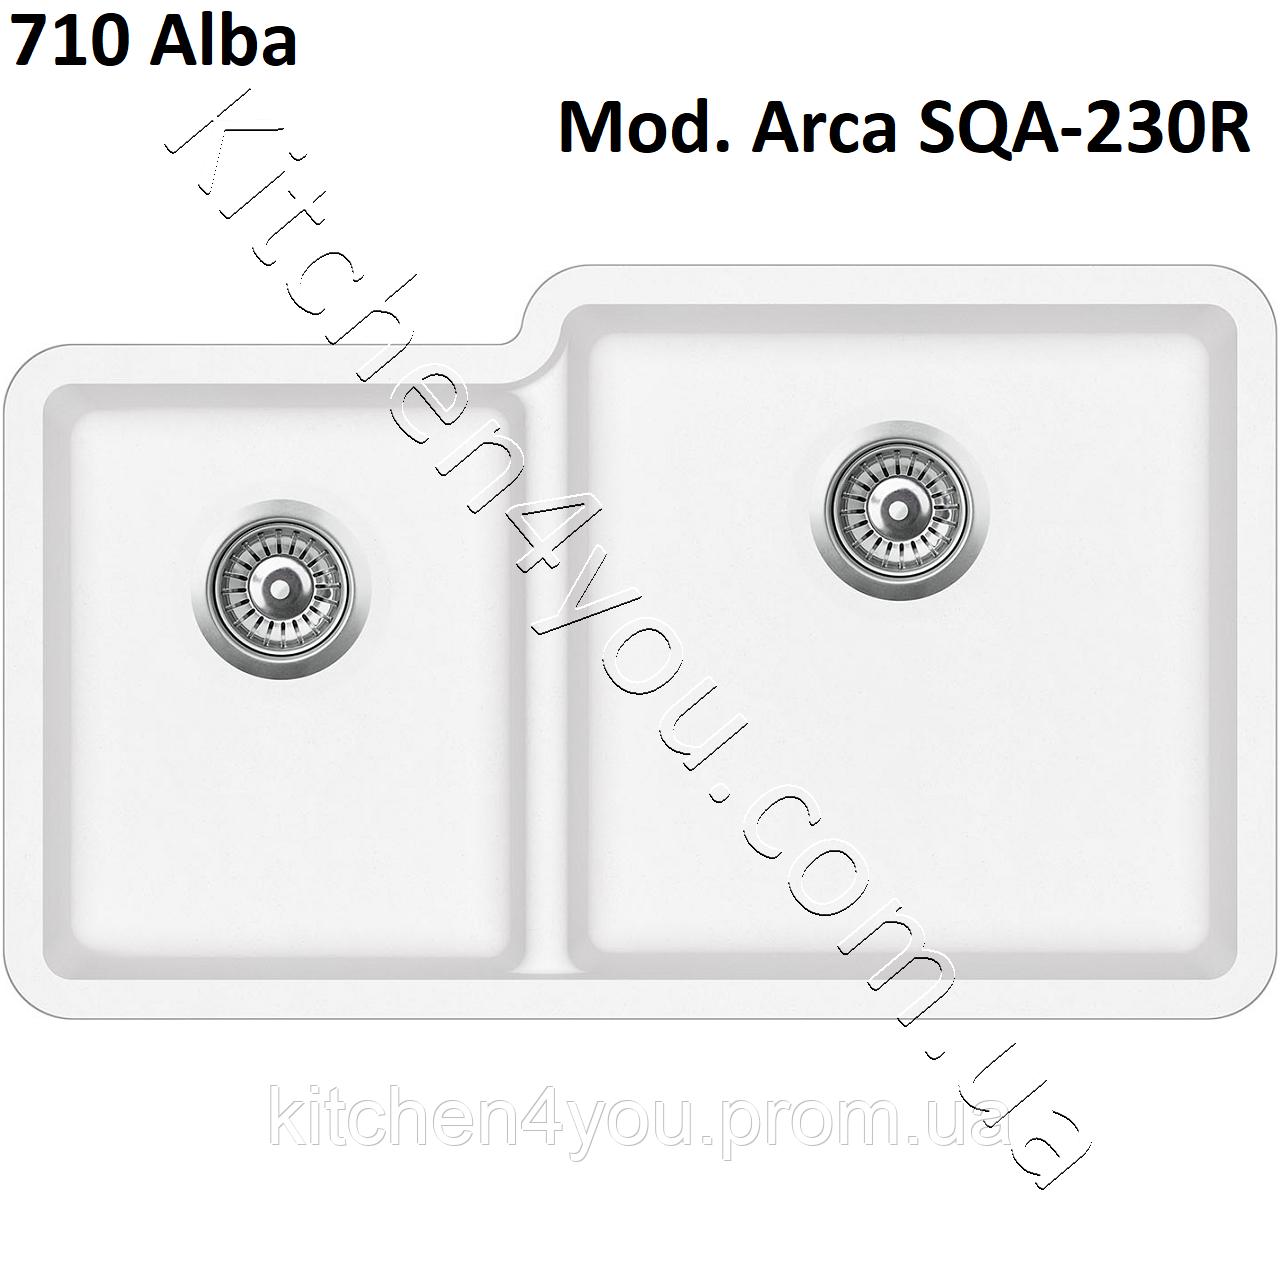 Двухчашевая гранітна мийка 810х480 мм. Aquasanita (Литва) Arca SQA-230R, монтаж під або в стільницю